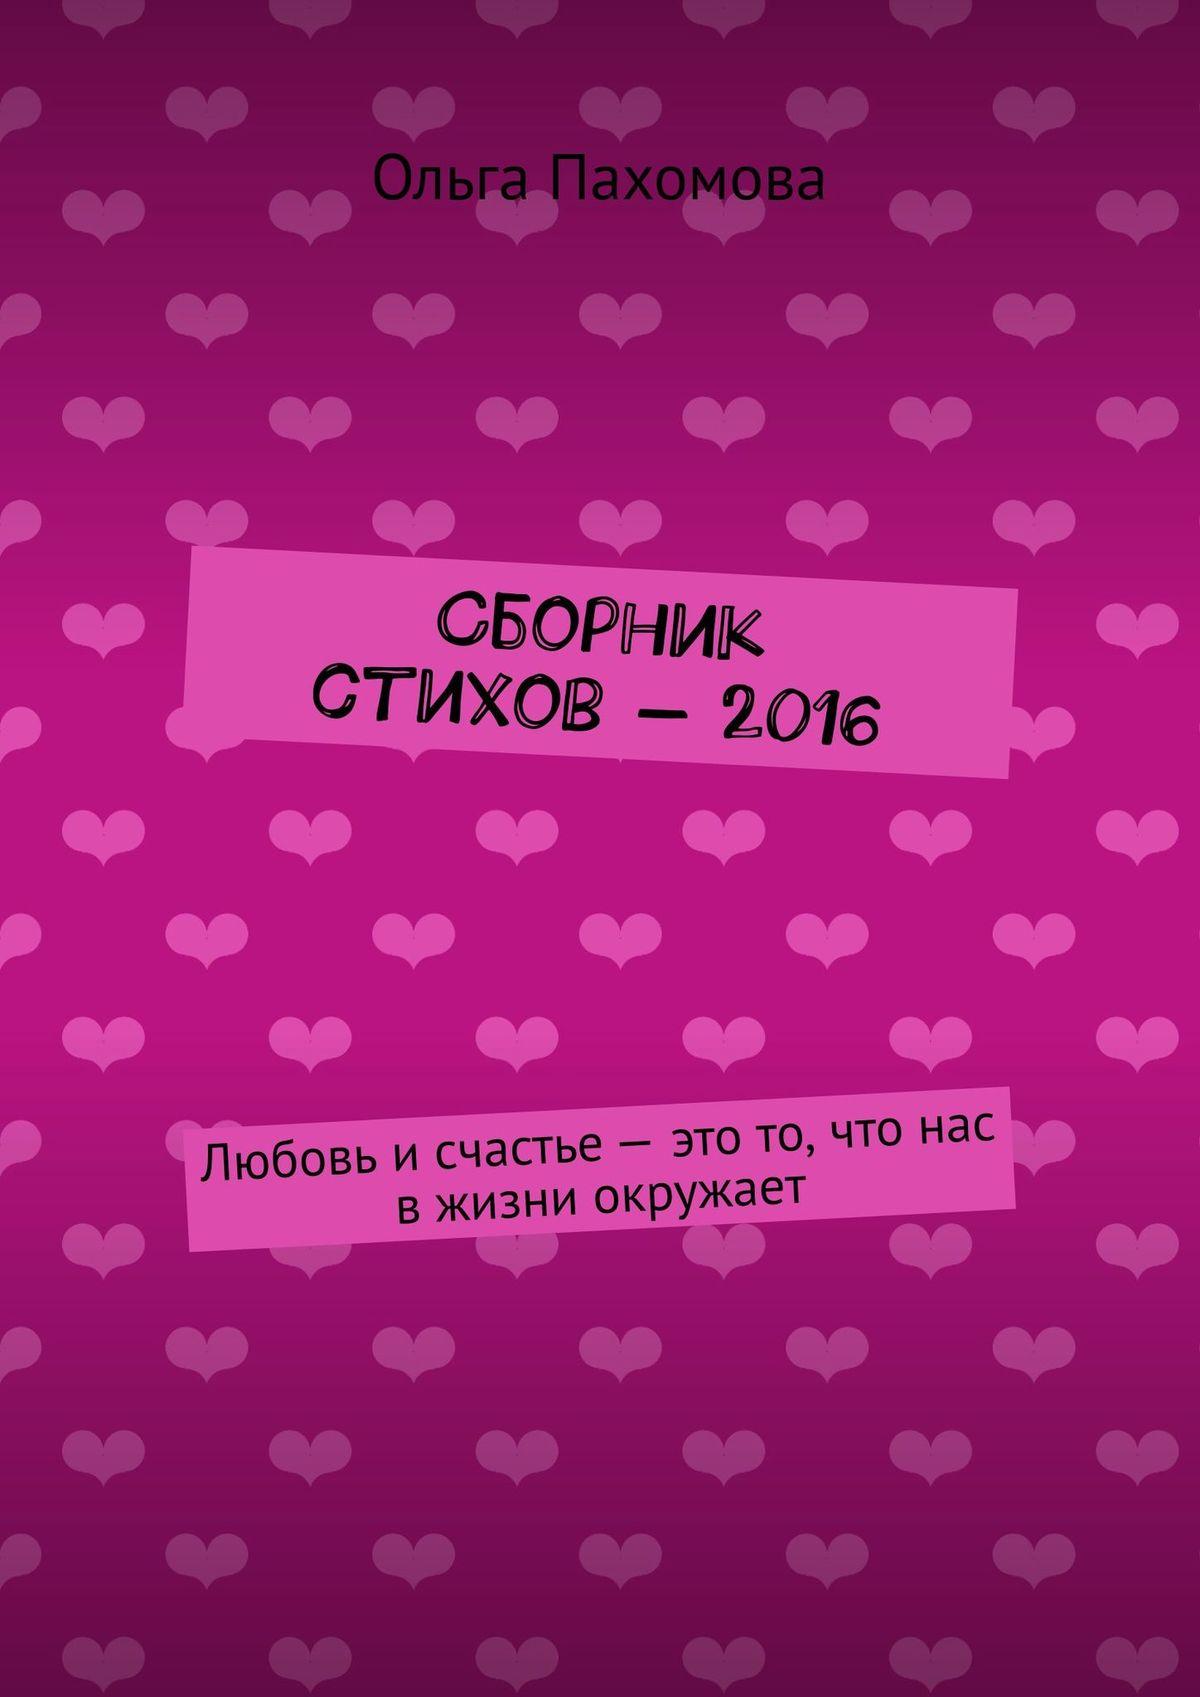 Ника Сборник стихов– 2016. Любовь исчастье это то, что нас вжизни окружает